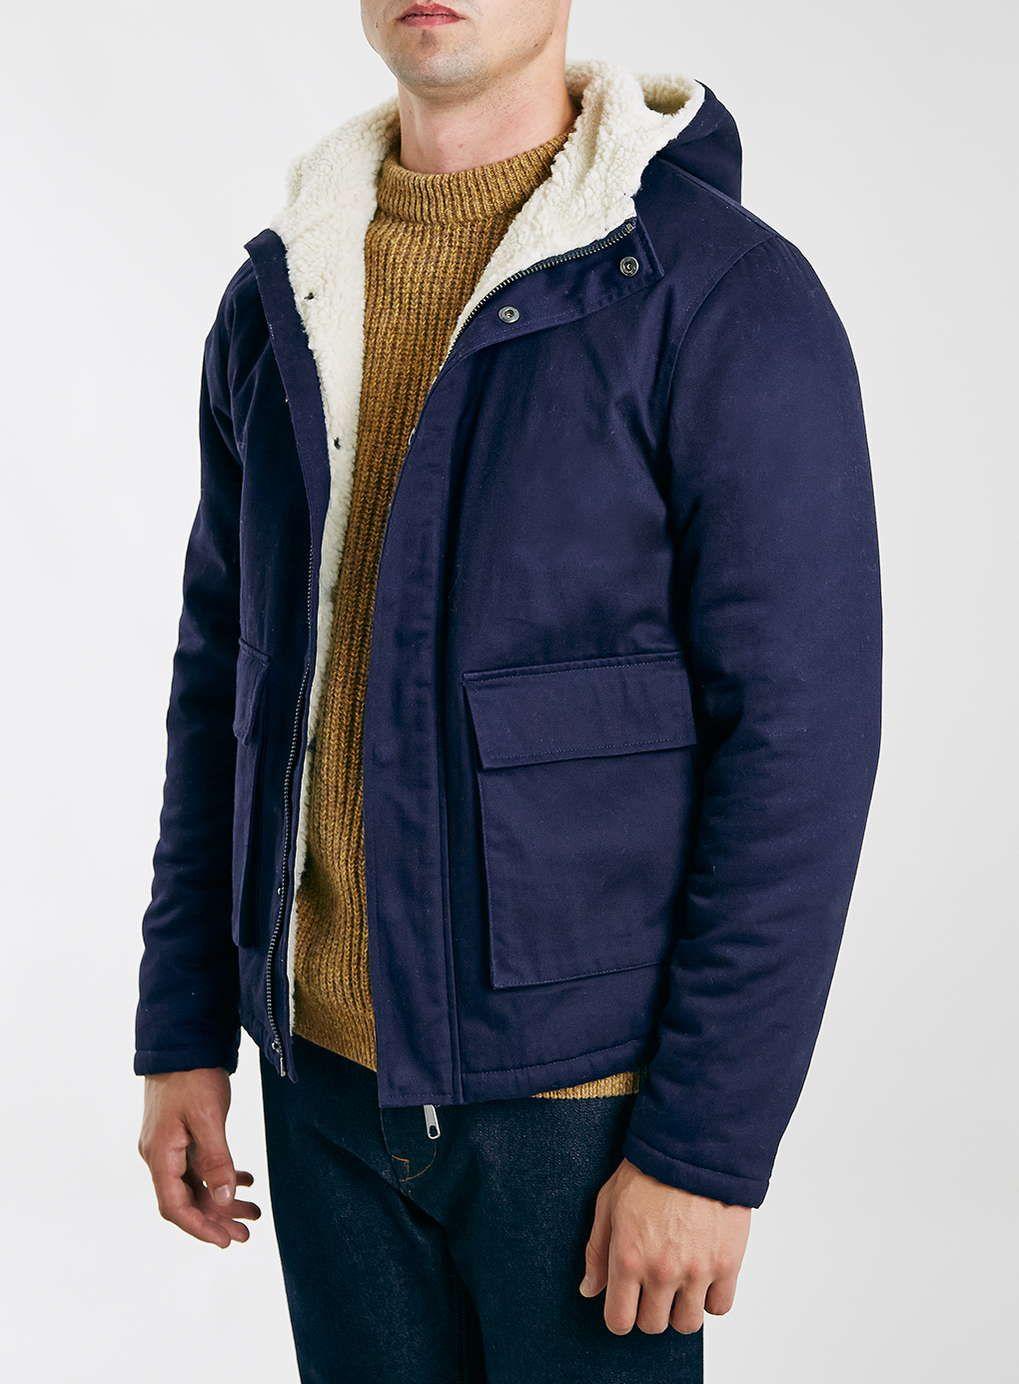 LTD Navy Borg Lined Parka Jacket Men's Coats & Jackets